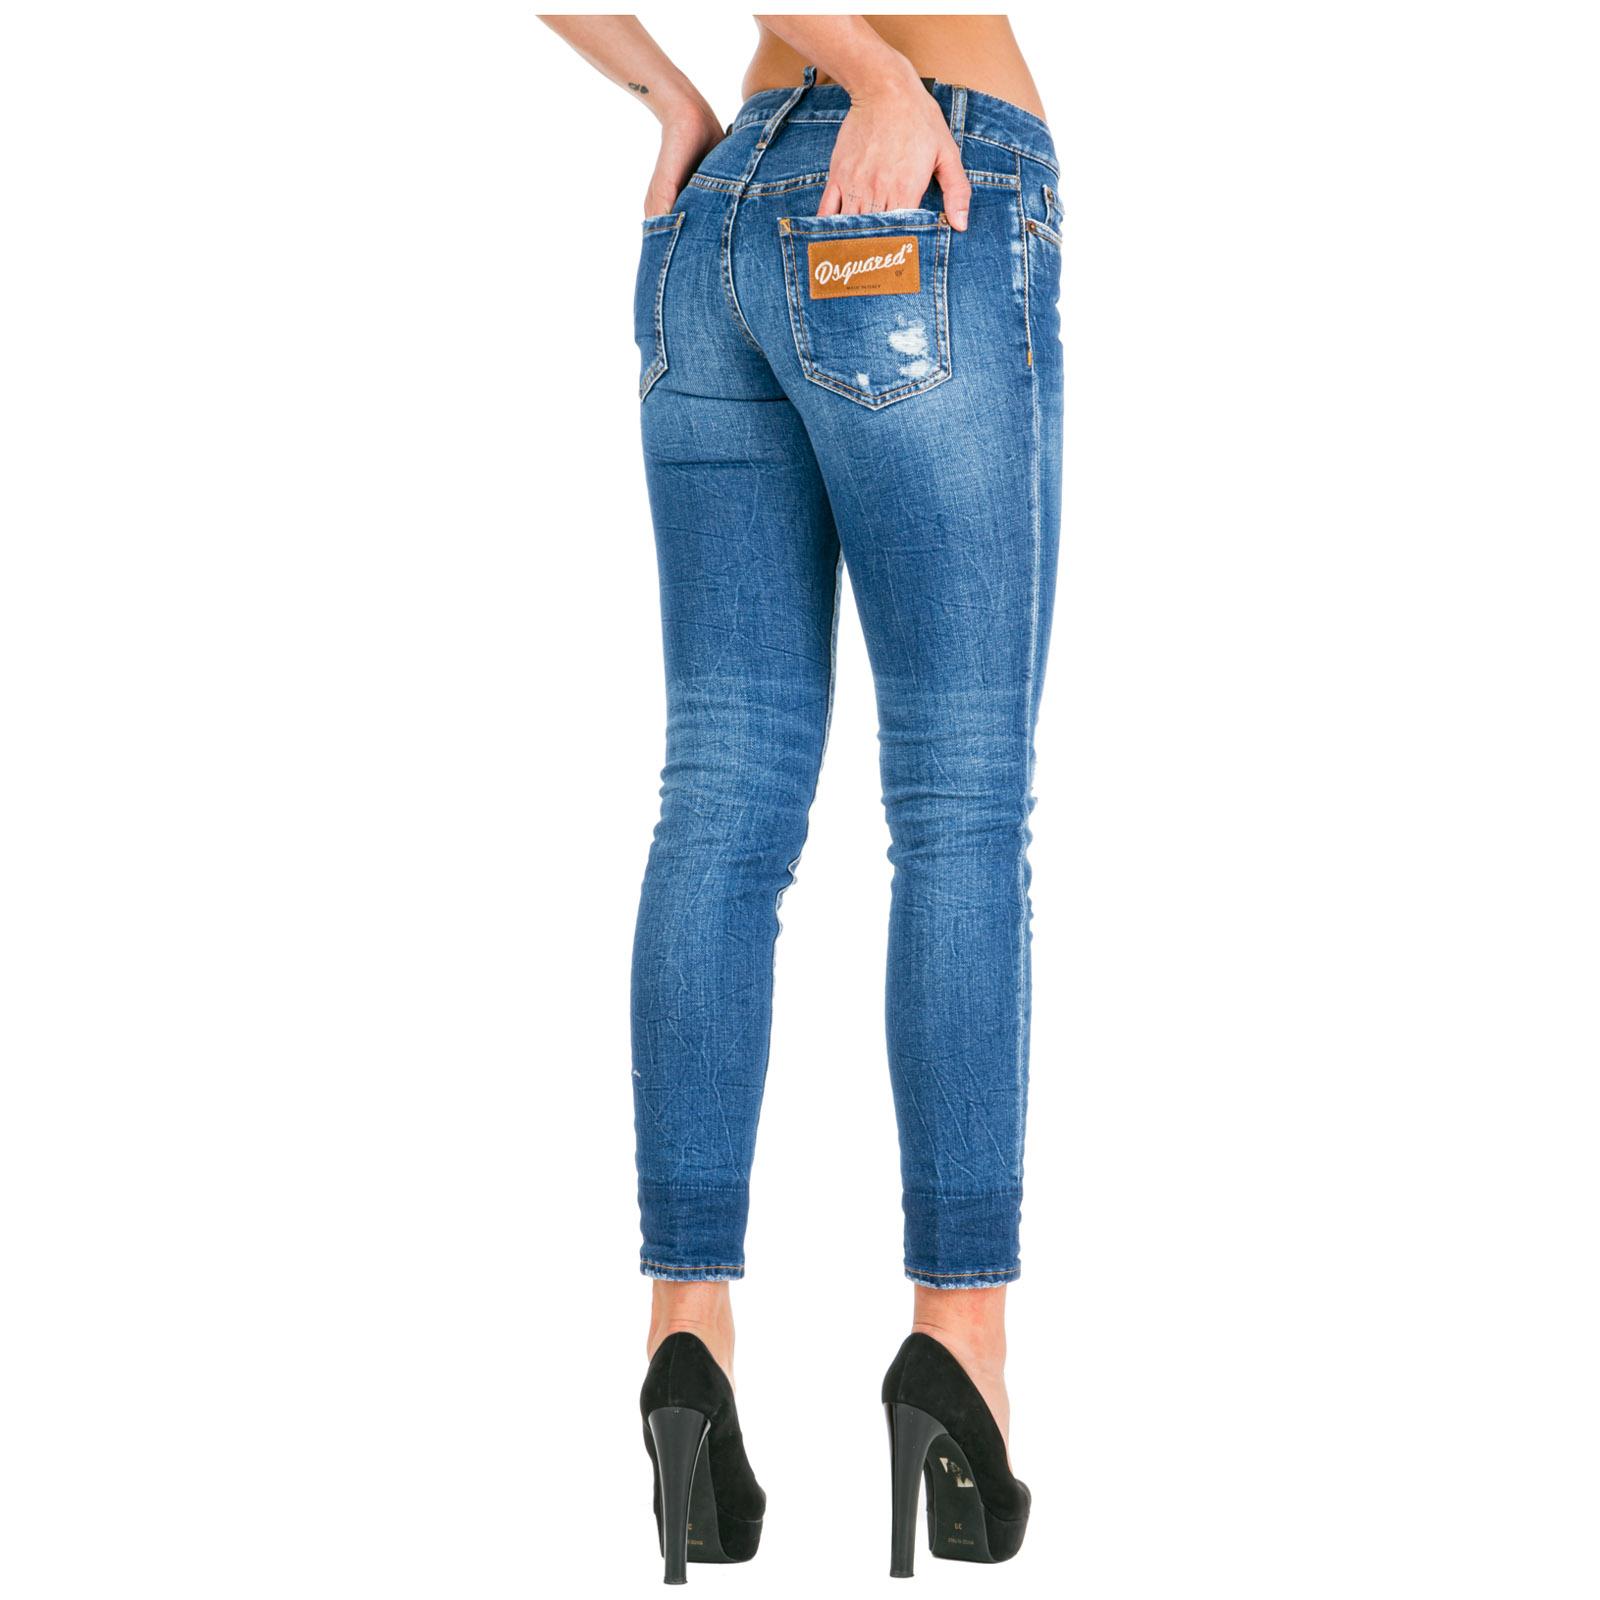 dsquared pantalon femme